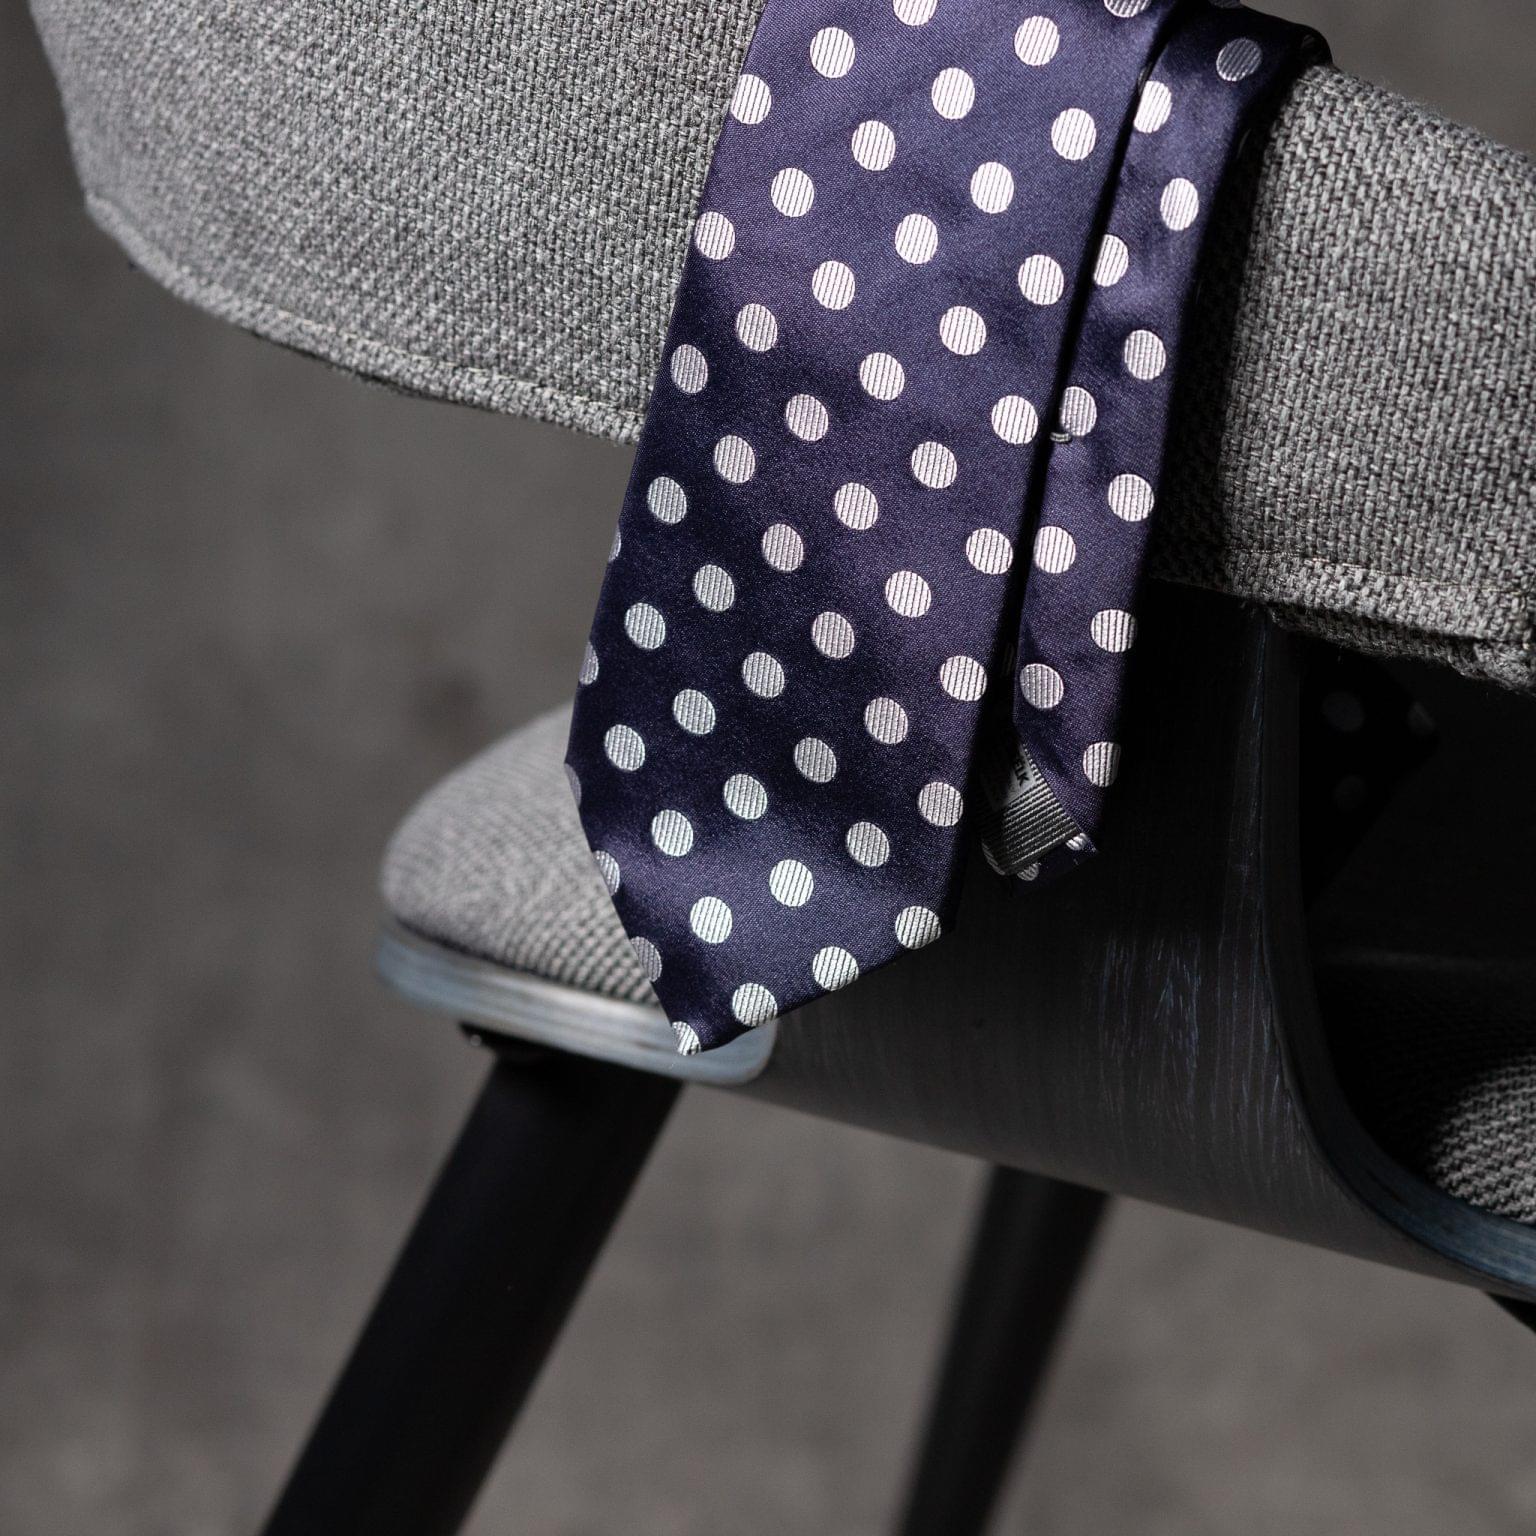 JACQUARD-0335-Tie-Initials-Corbata-Iniciales-The-Seelk-2